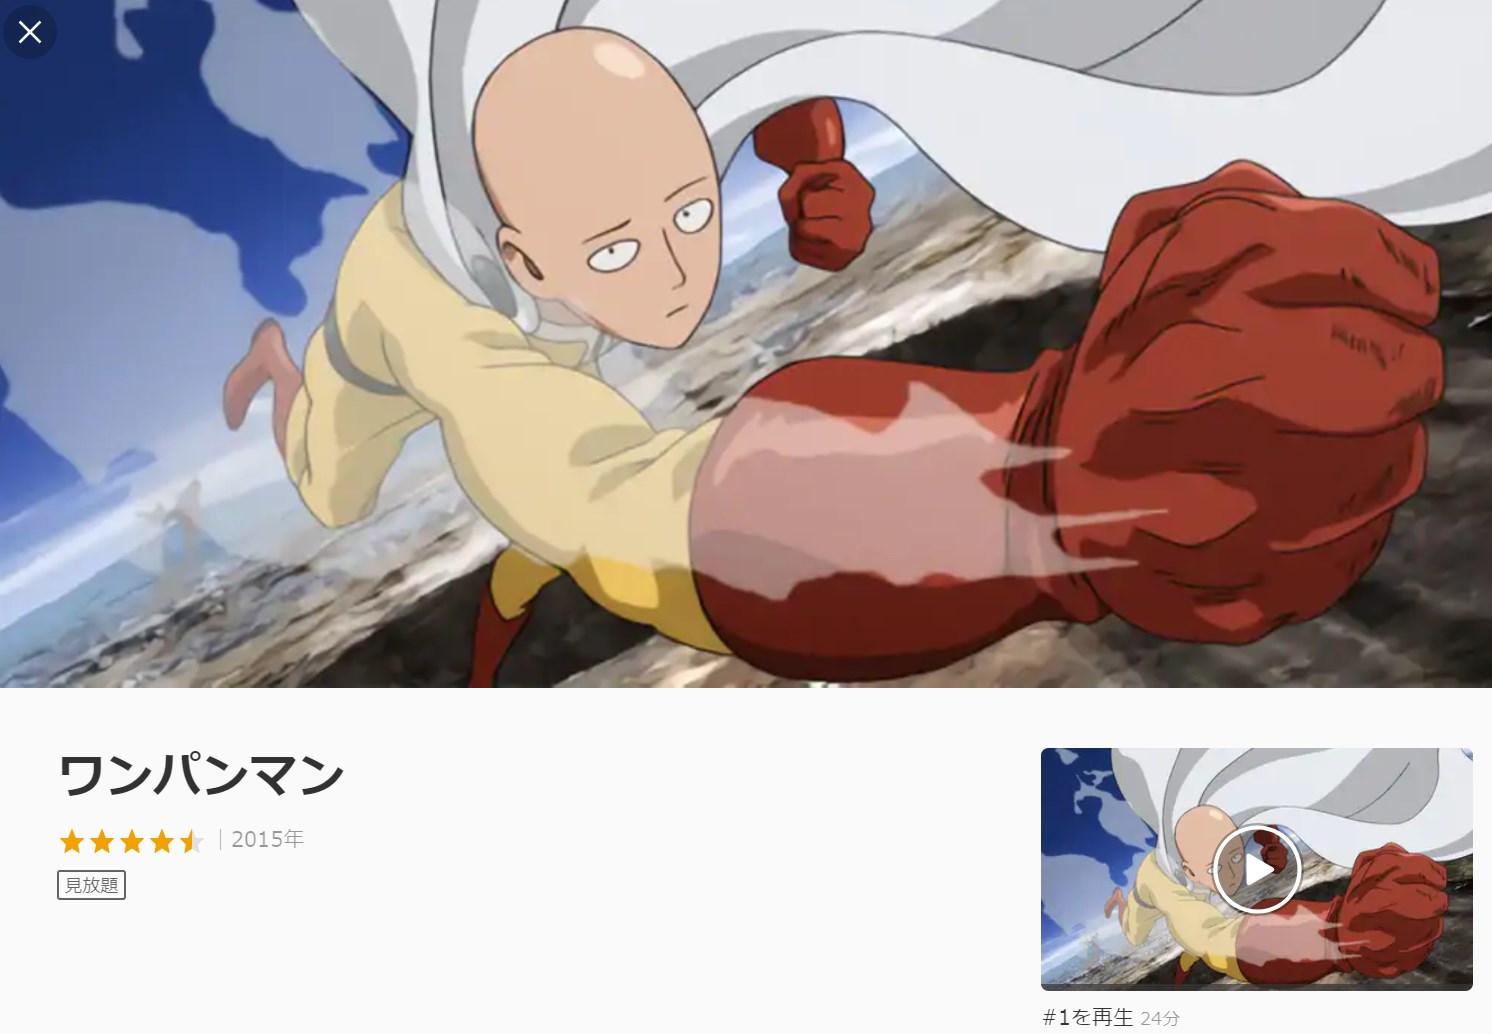 アニメ「ワンパンマン」1期・2期が高画質で視聴できる動画配信サービスU-NEXT